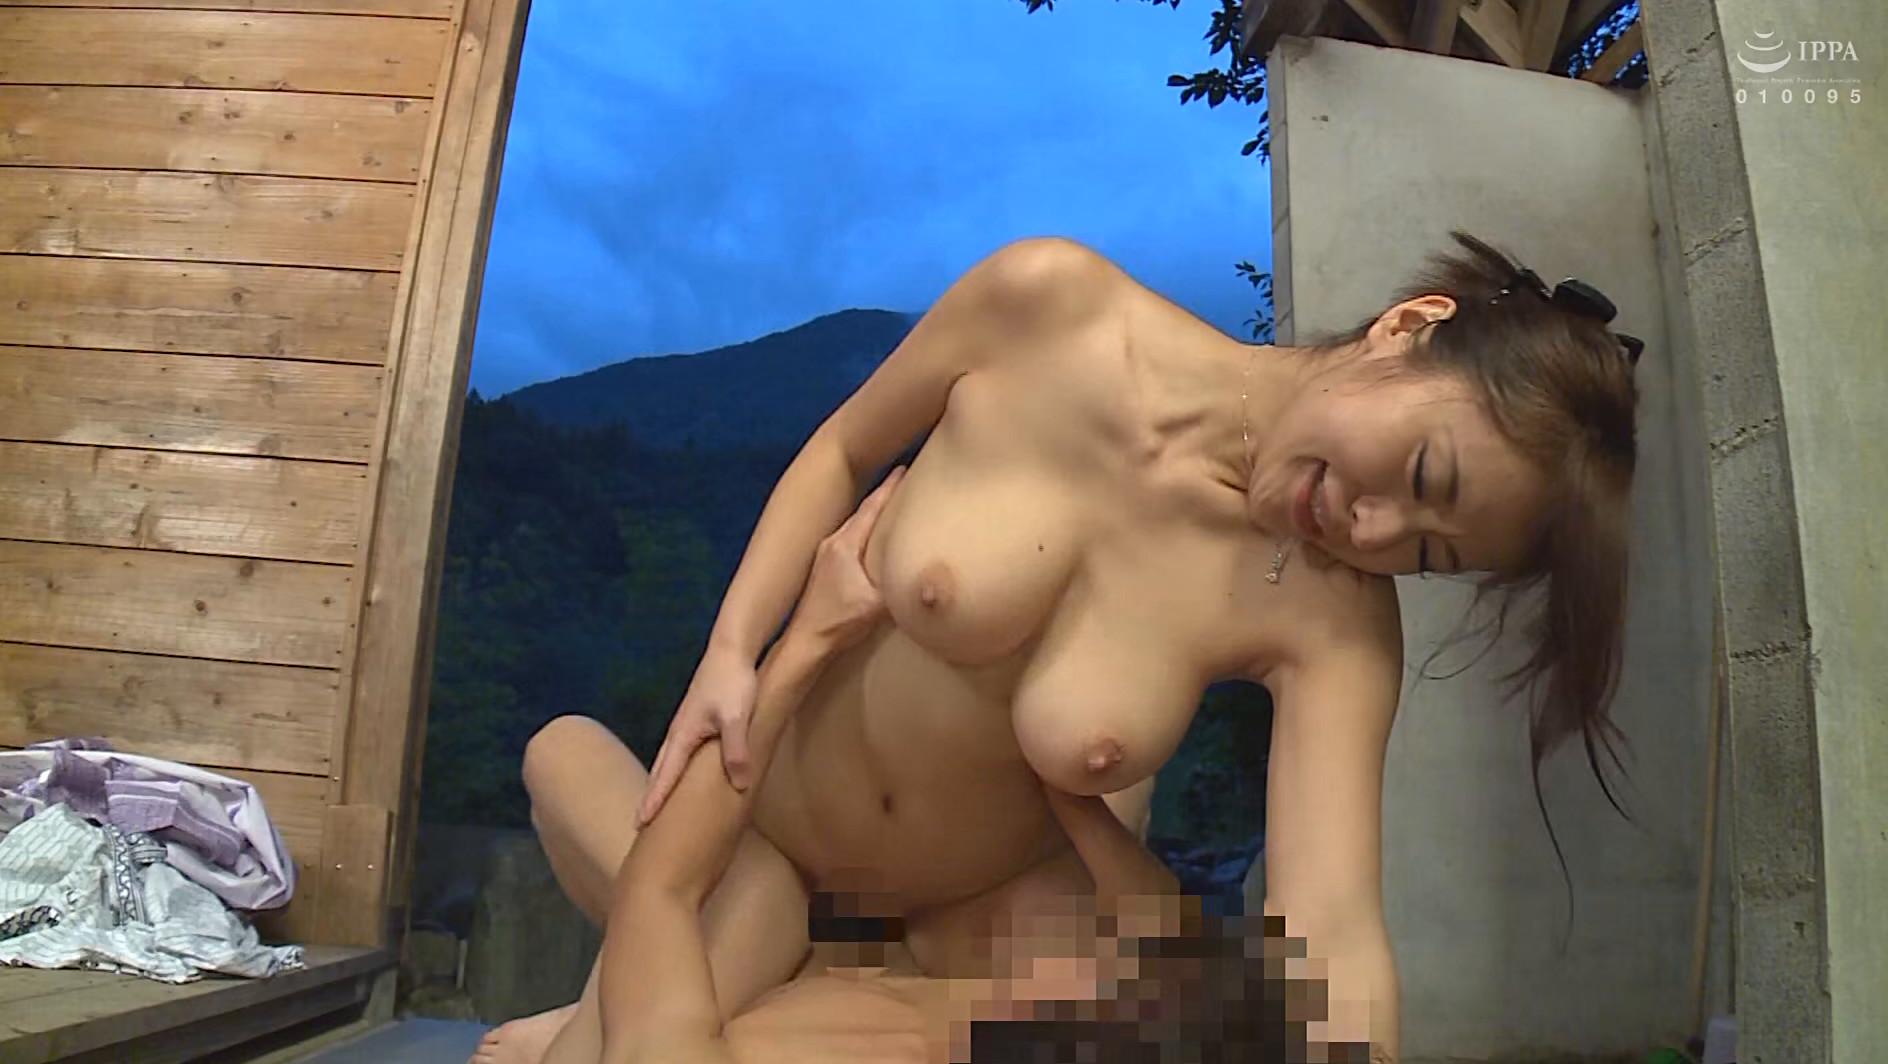 卑猥映像 絶対ヌケル!!えげつない人妻たちの濃厚変態SEX 20人4時間